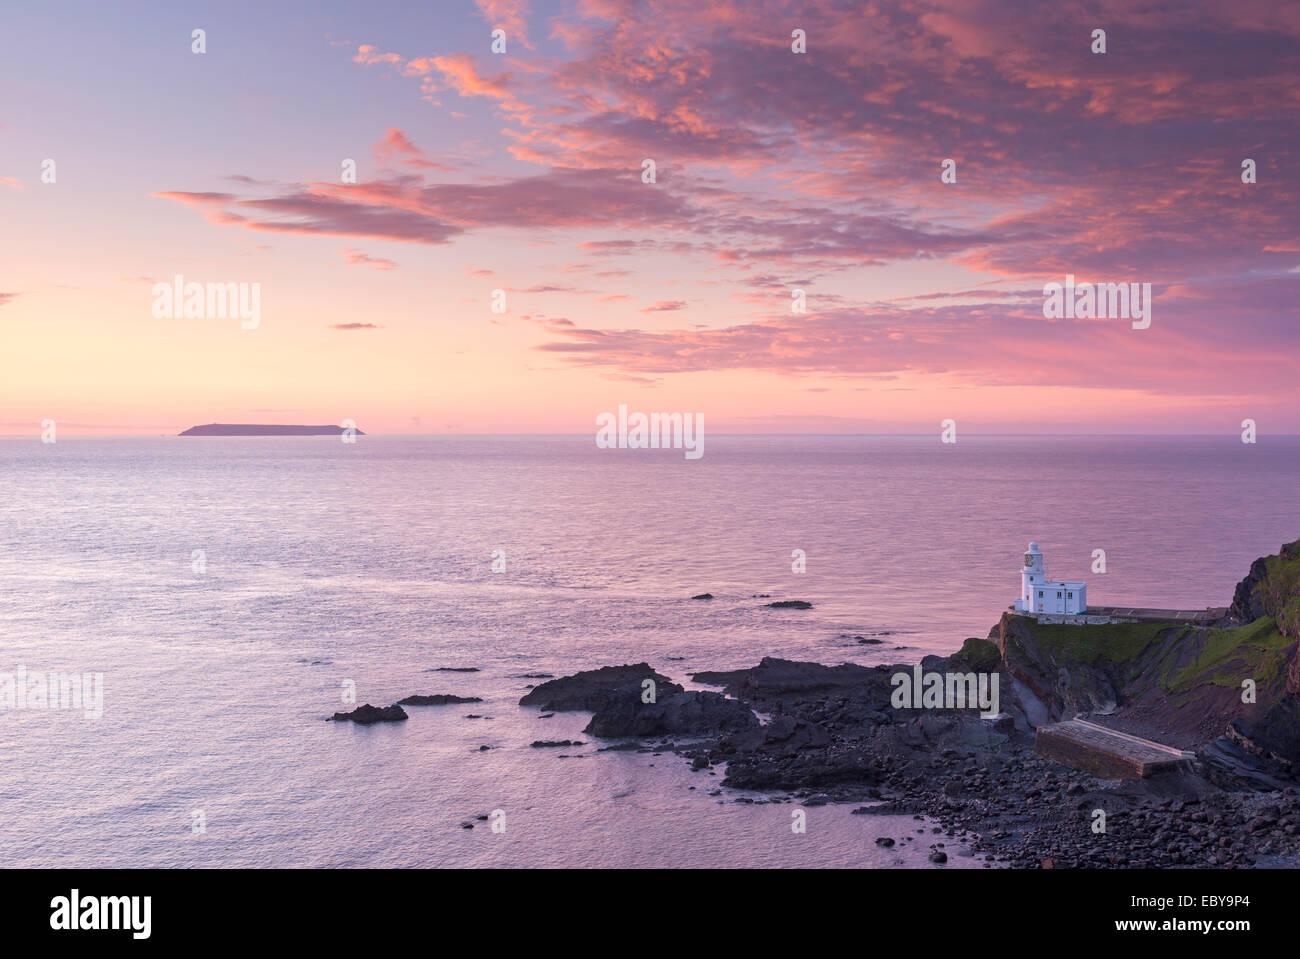 Hartland Point Lighthouse et Lundy Island sous un soleil colorés, North Devon, Angleterre. Printemps (mai) Photo Stock